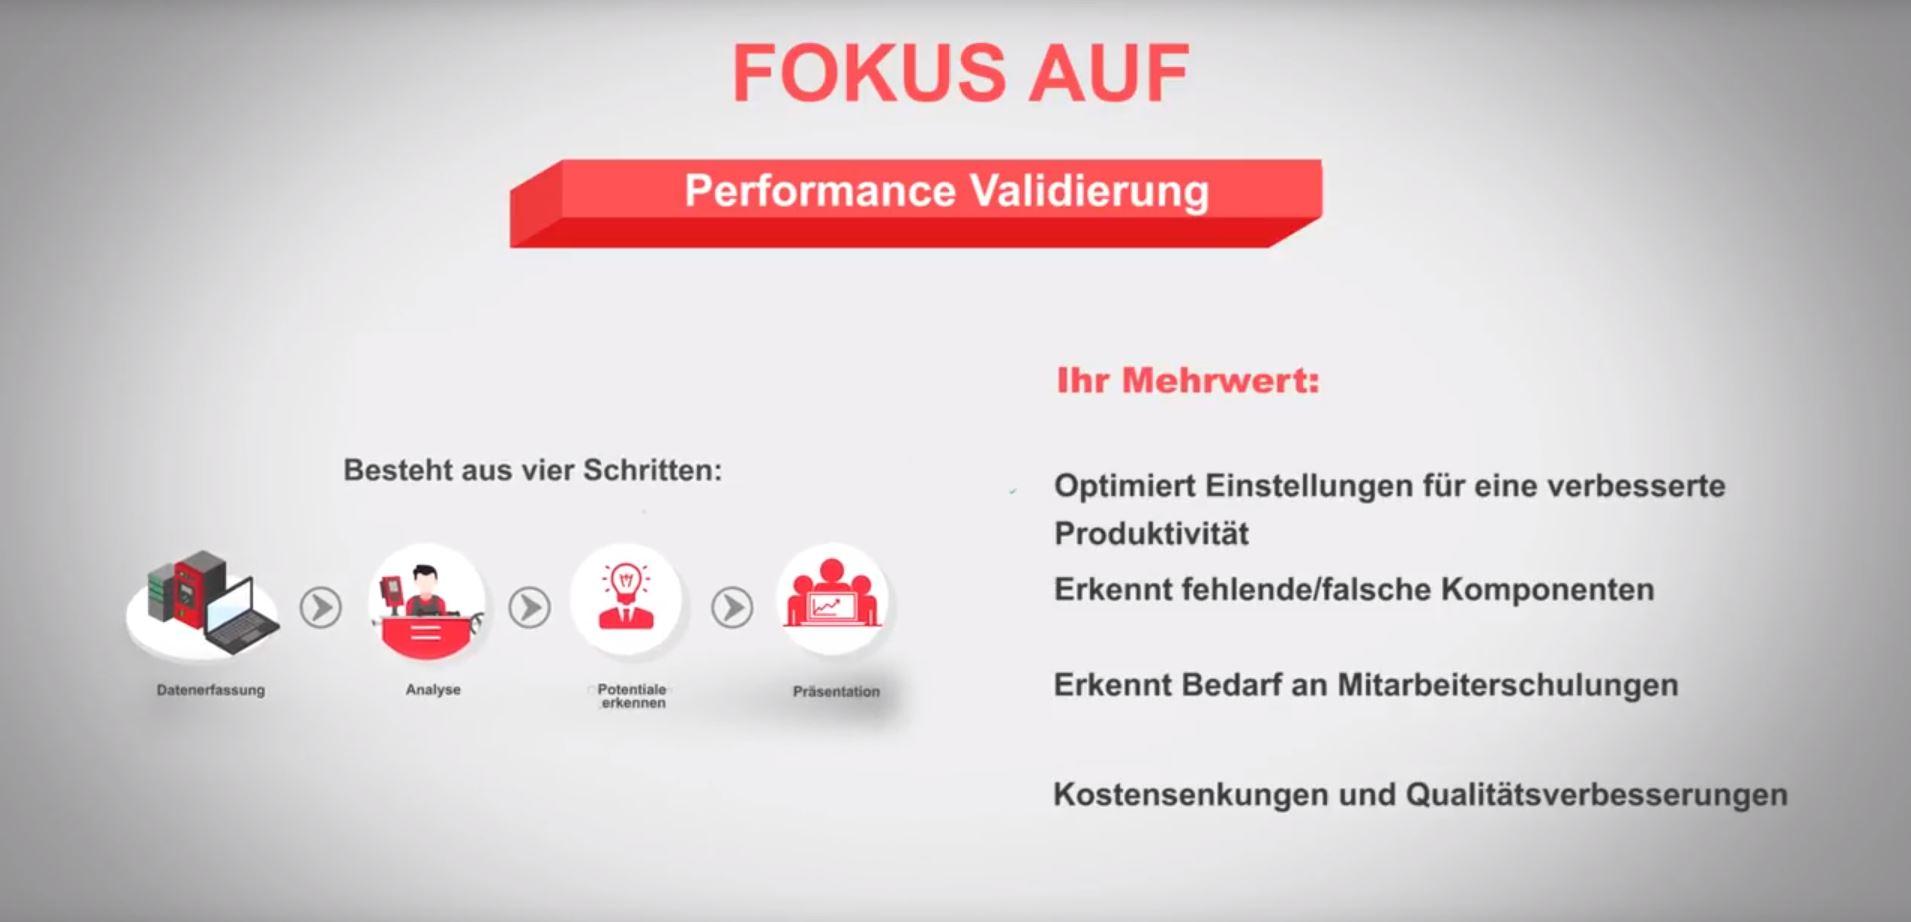 Vorteile der Desoutter Performance Validierung